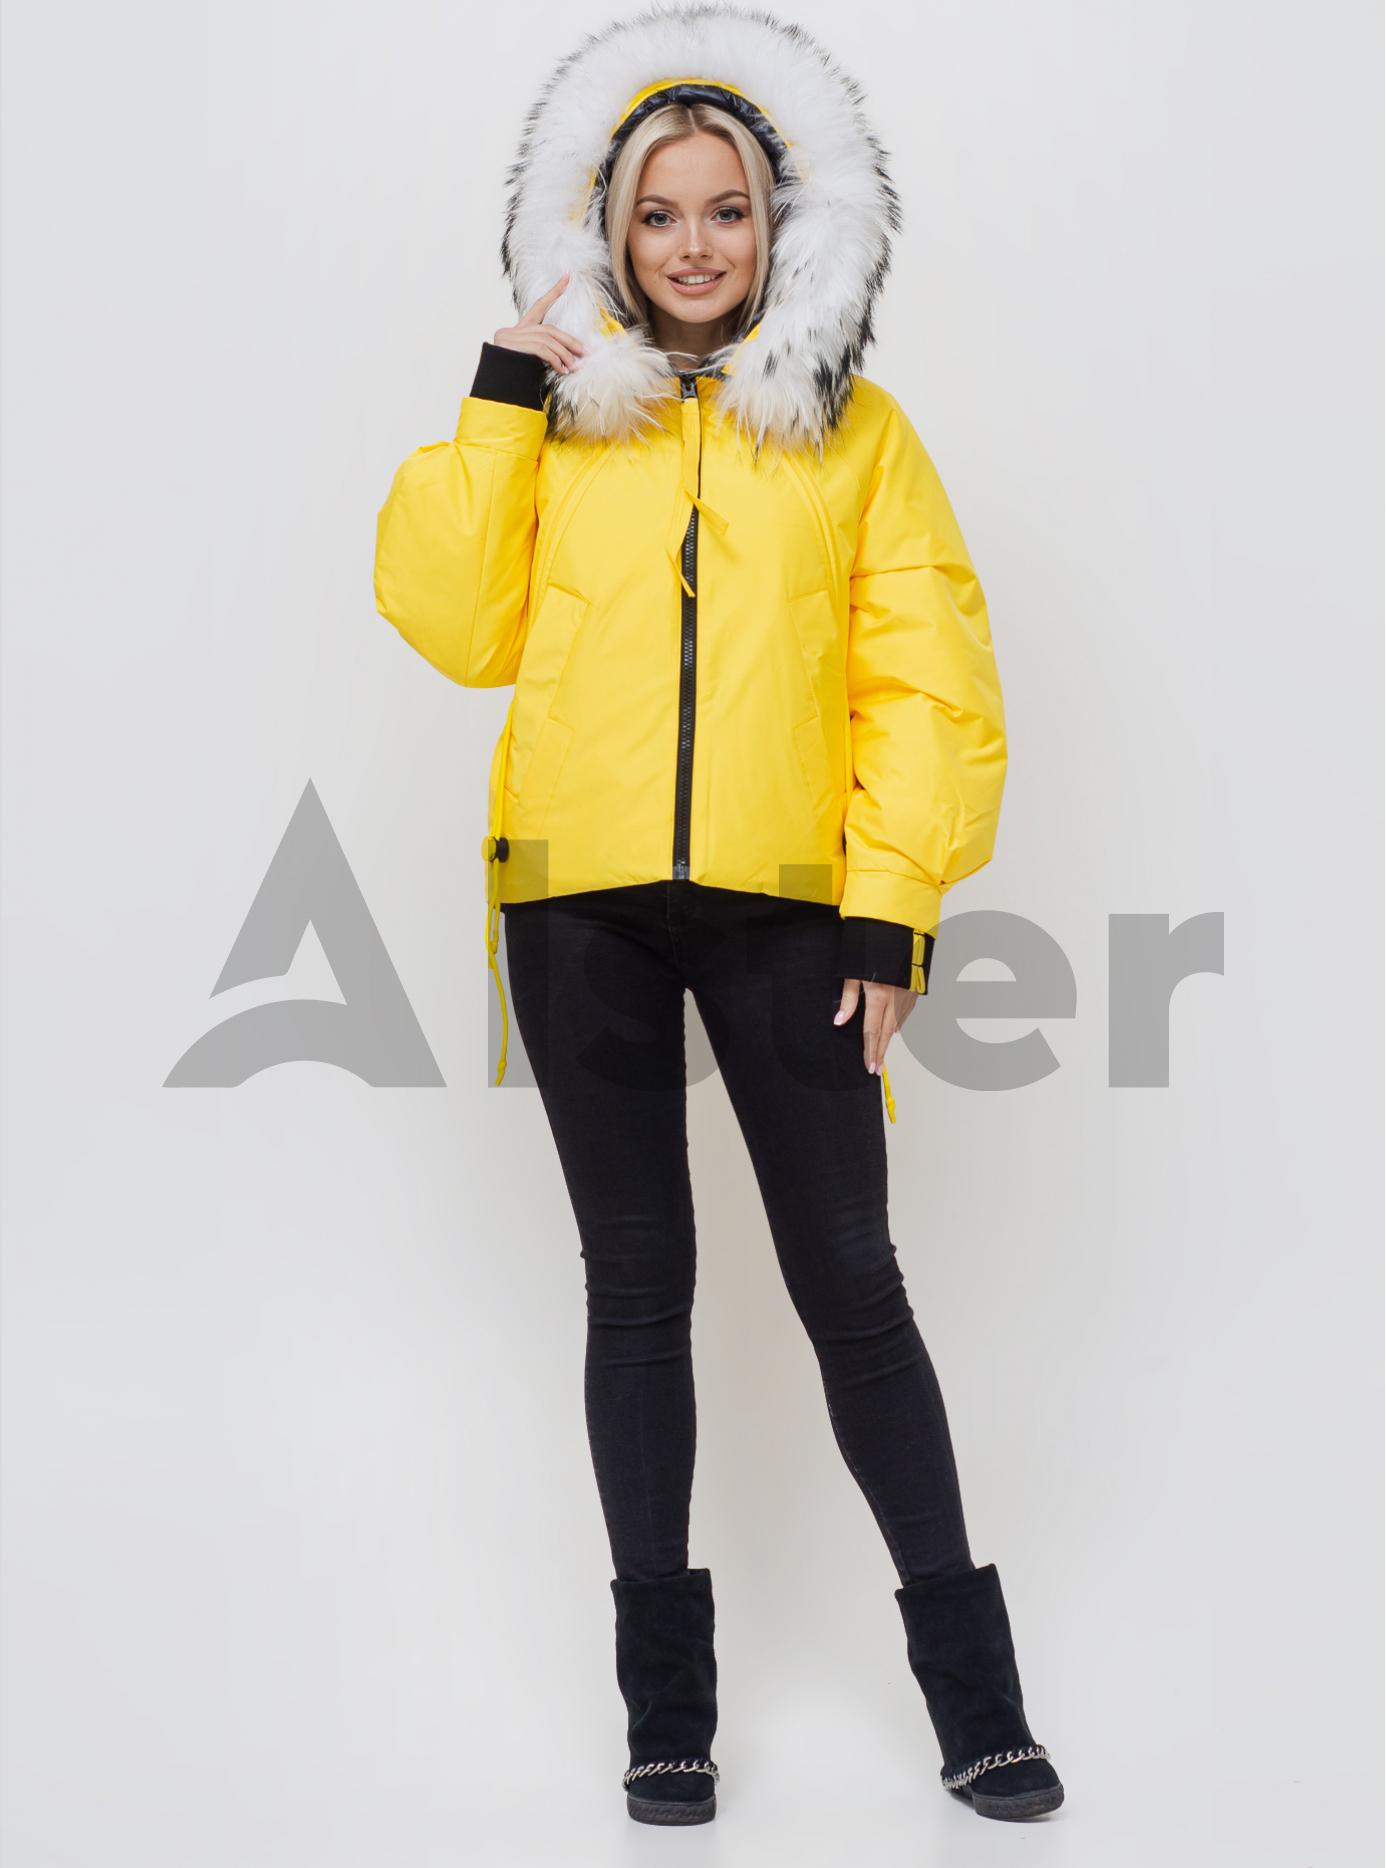 Женская зимняя куртка с мехом Жёлтый S (05-SV201053): фото - Alster.ua